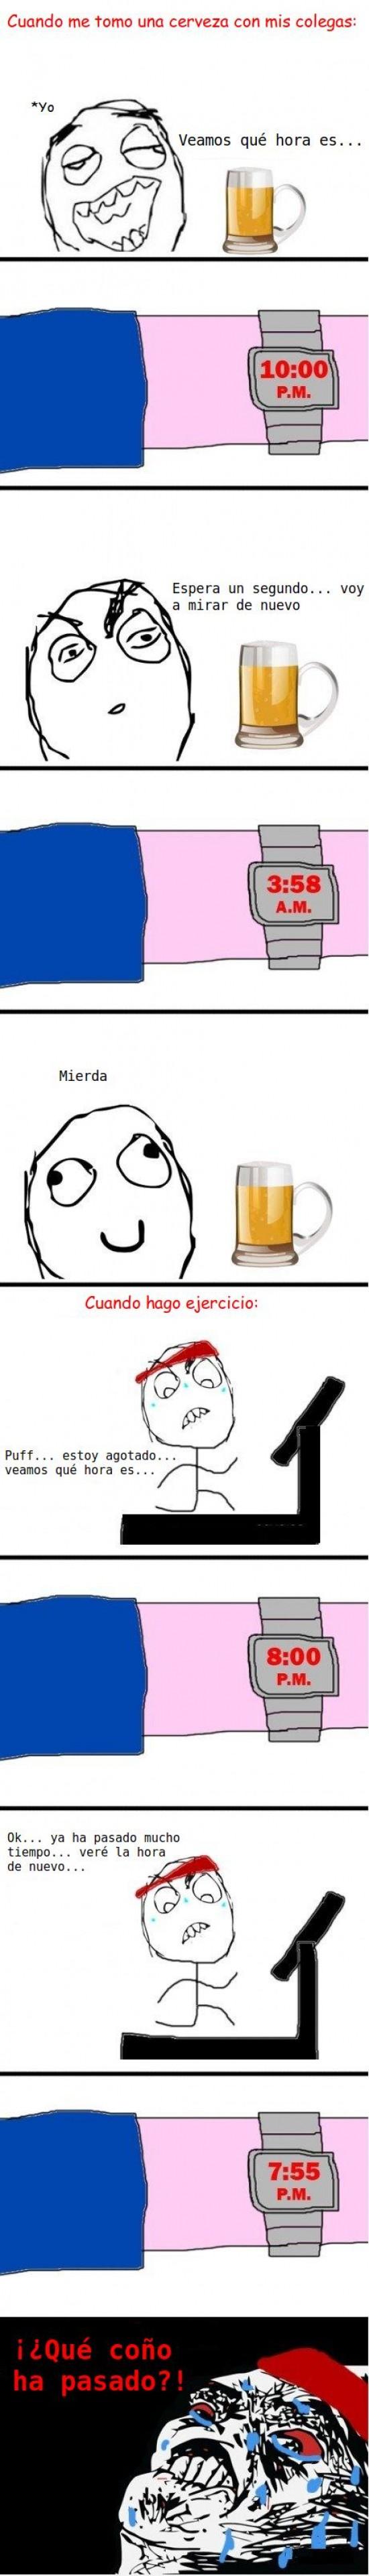 Beber,Cerveza,Ejercicio,Hora,Raisins,Reloj,Sudar